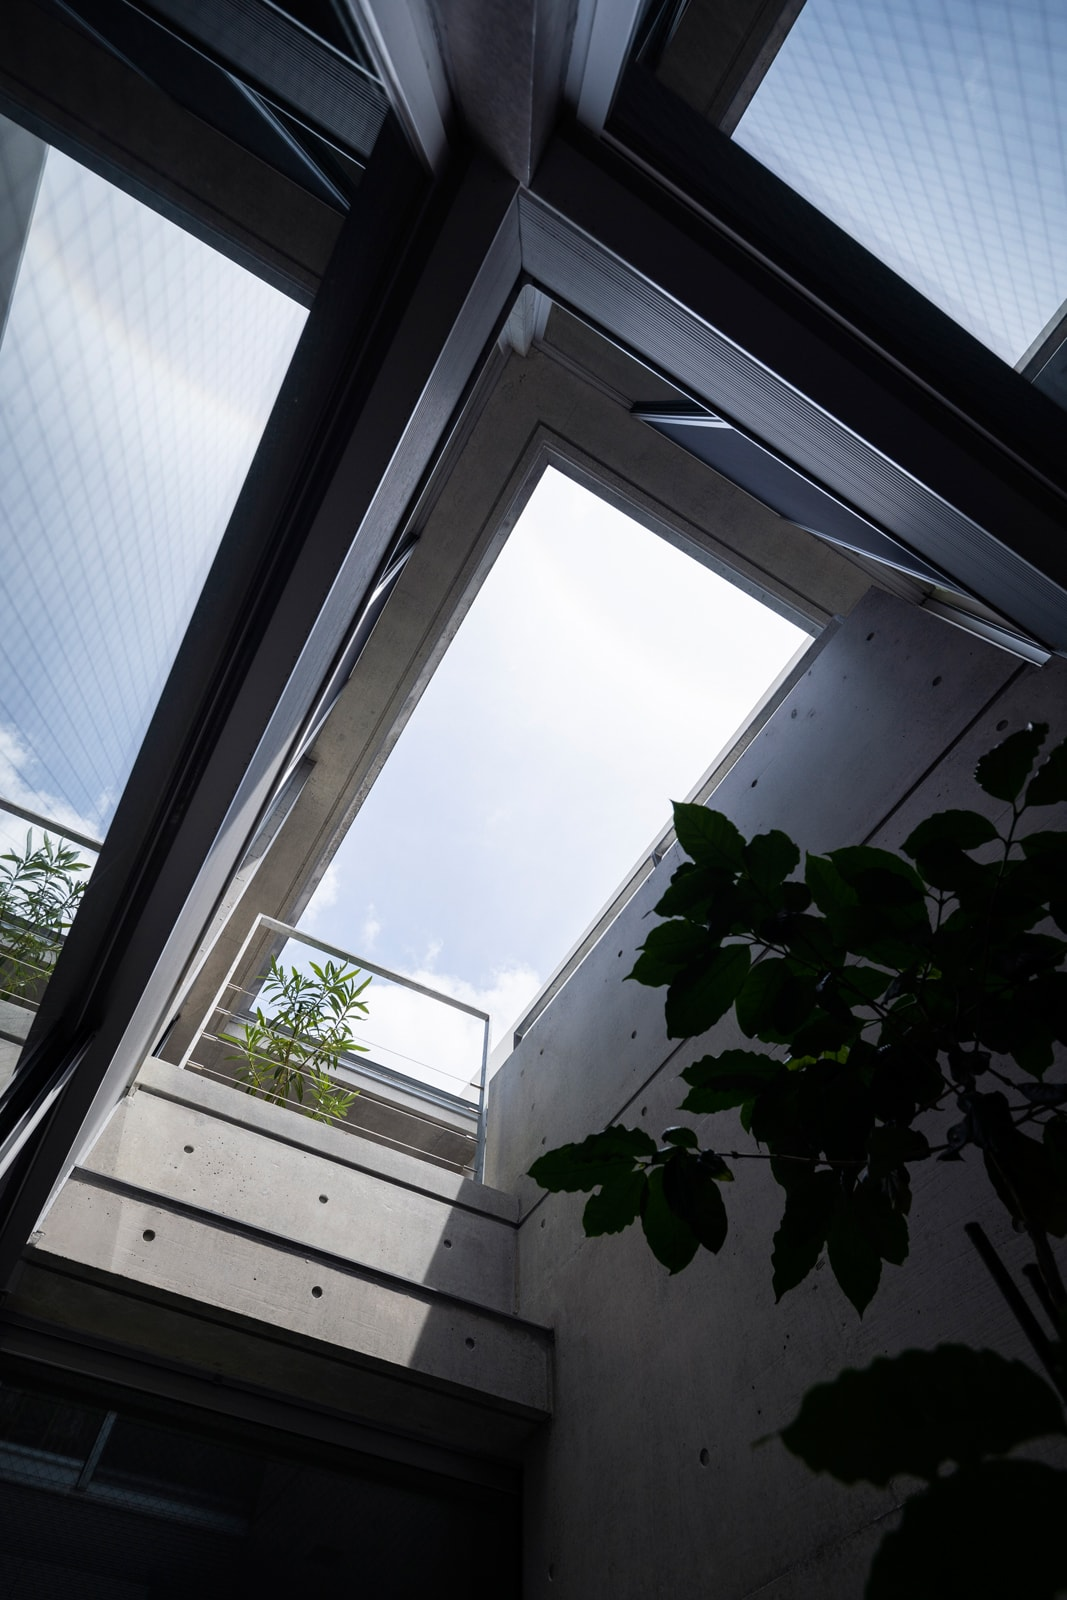 1階から空まで抜けた中庭のおかげで、建物全体が呼吸する快適な暮らしに。細長い建物の中にあって、中心部分に光をもたらす効果も